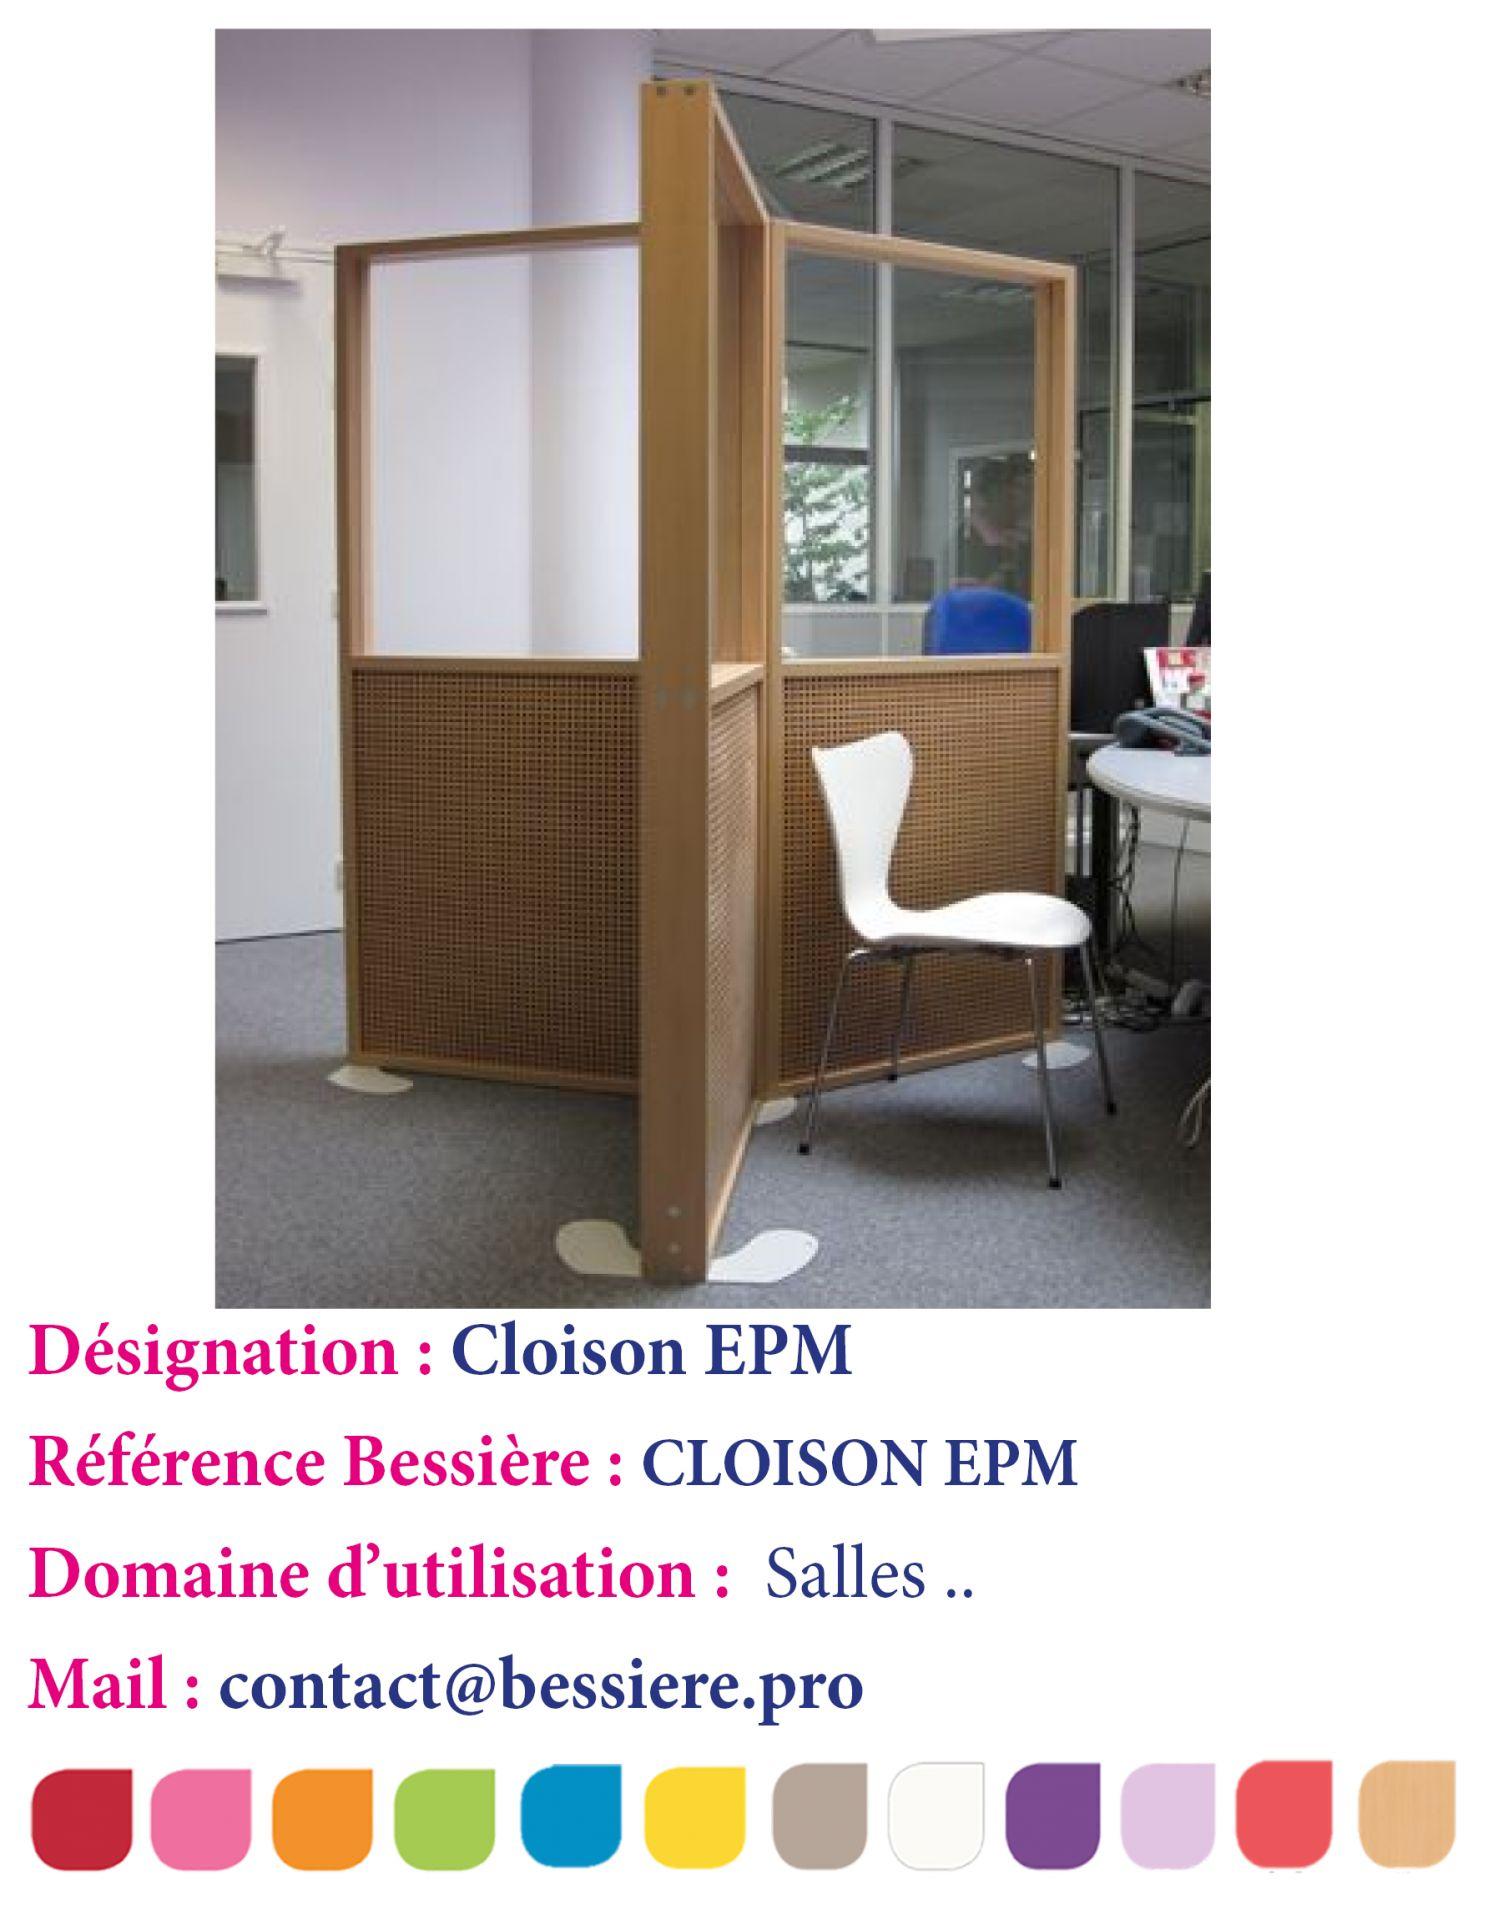 CLOISON EPM